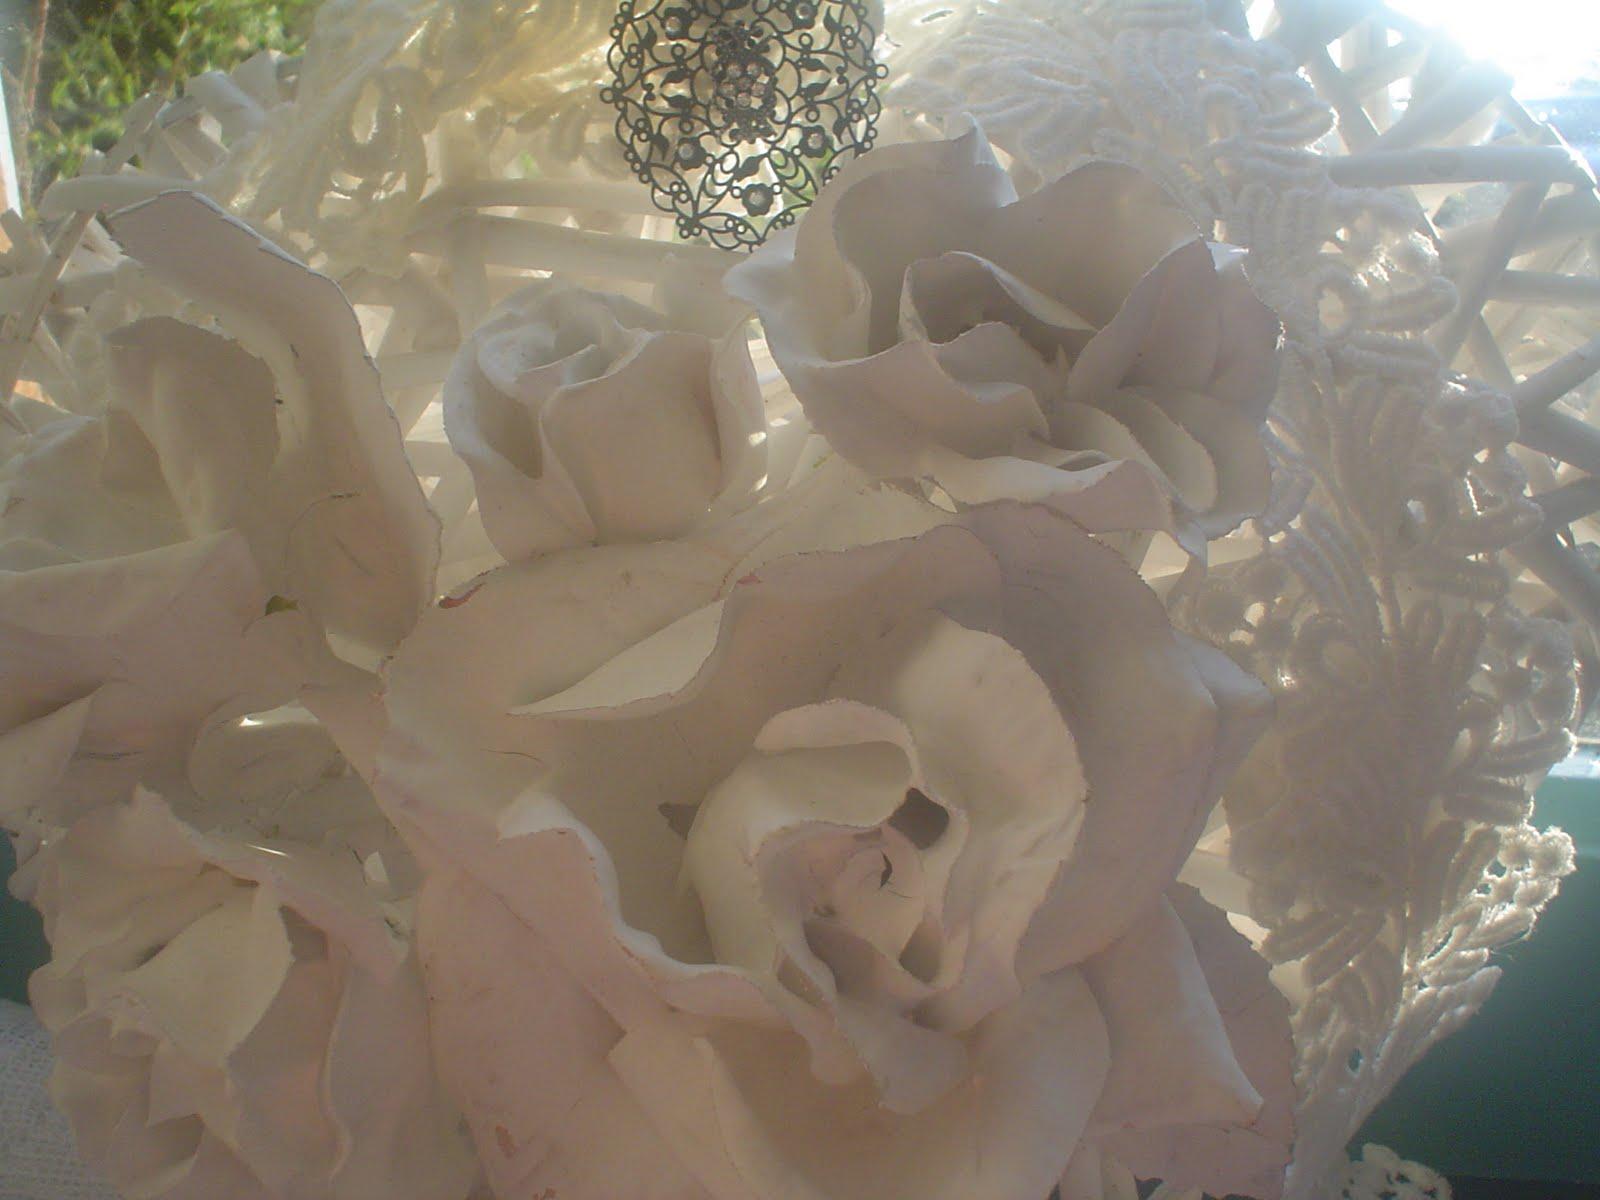 http://3.bp.blogspot.com/_b4ciuUFbti0/TQHzw9nAjAI/AAAAAAAAA9Y/O9Ud4IHvO50/s1600/DSC00438.JPG